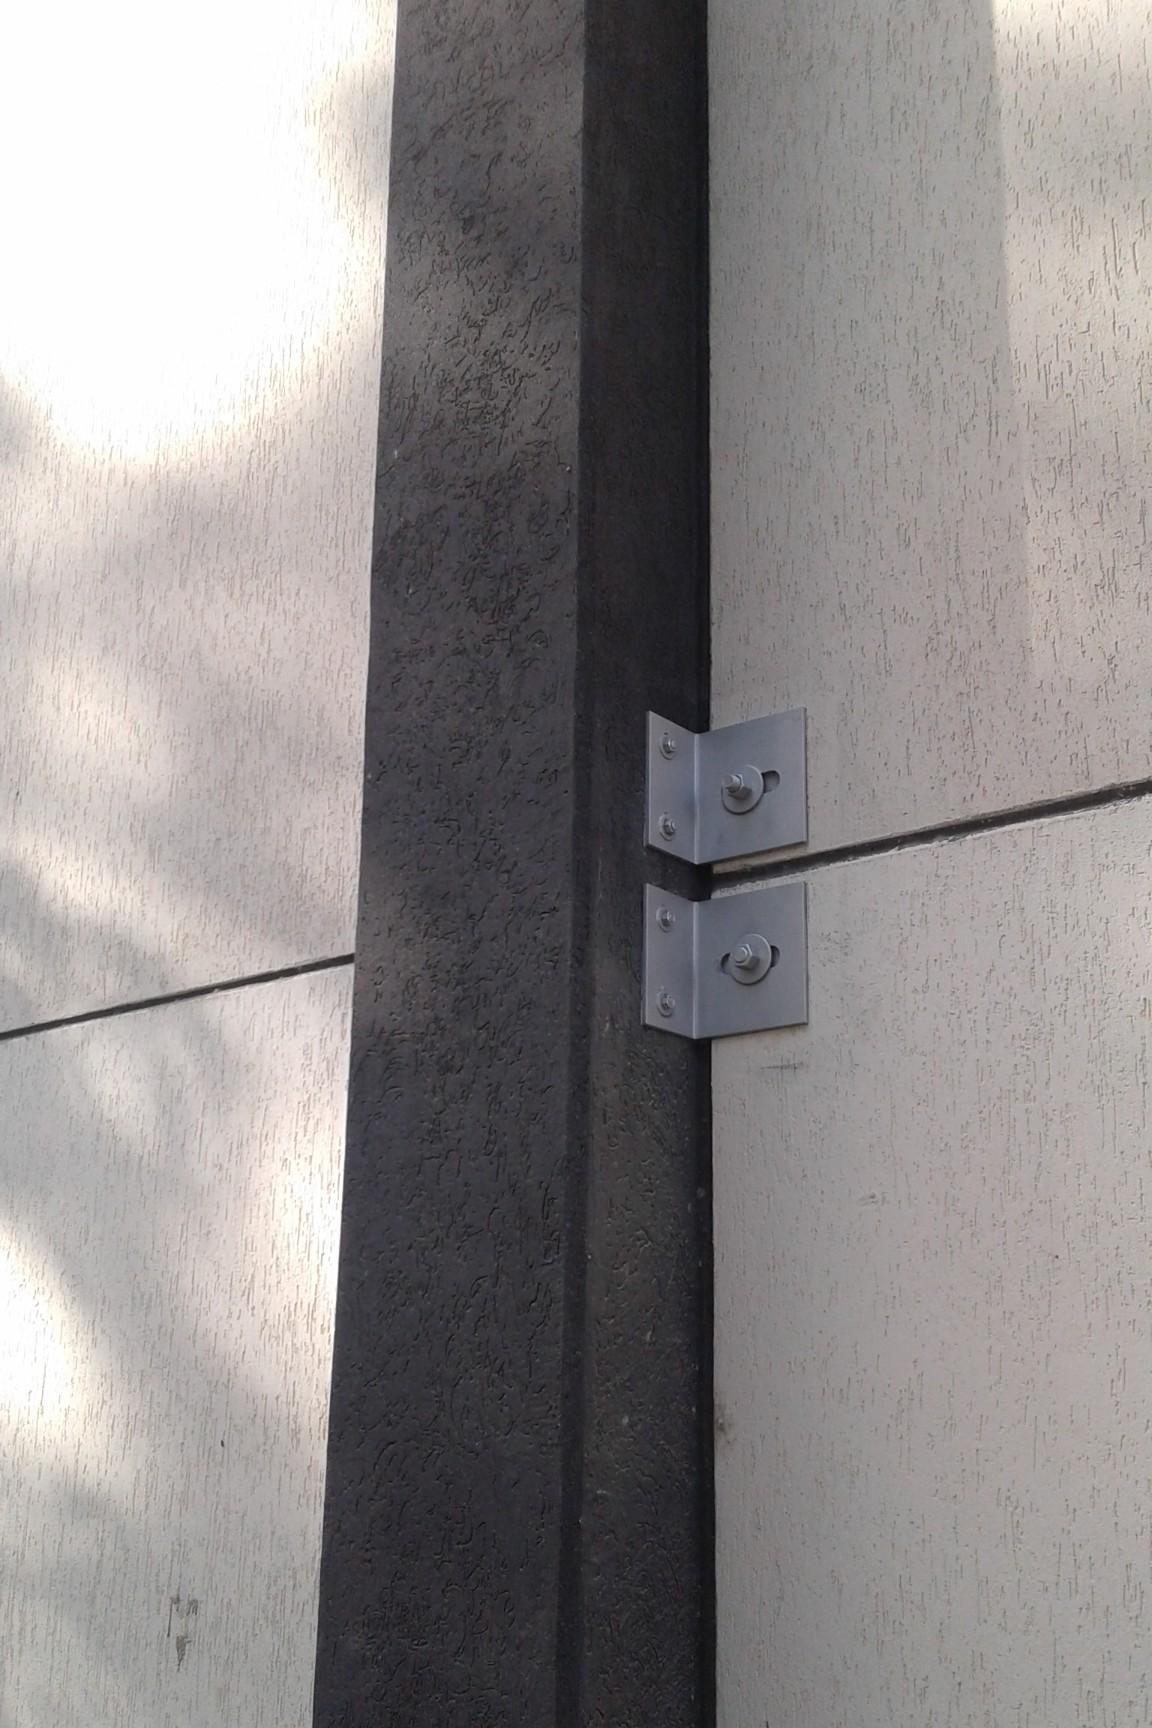 Particolare di vincolo anti ribaltamento dei pannelli al pilastro - ITON SRL